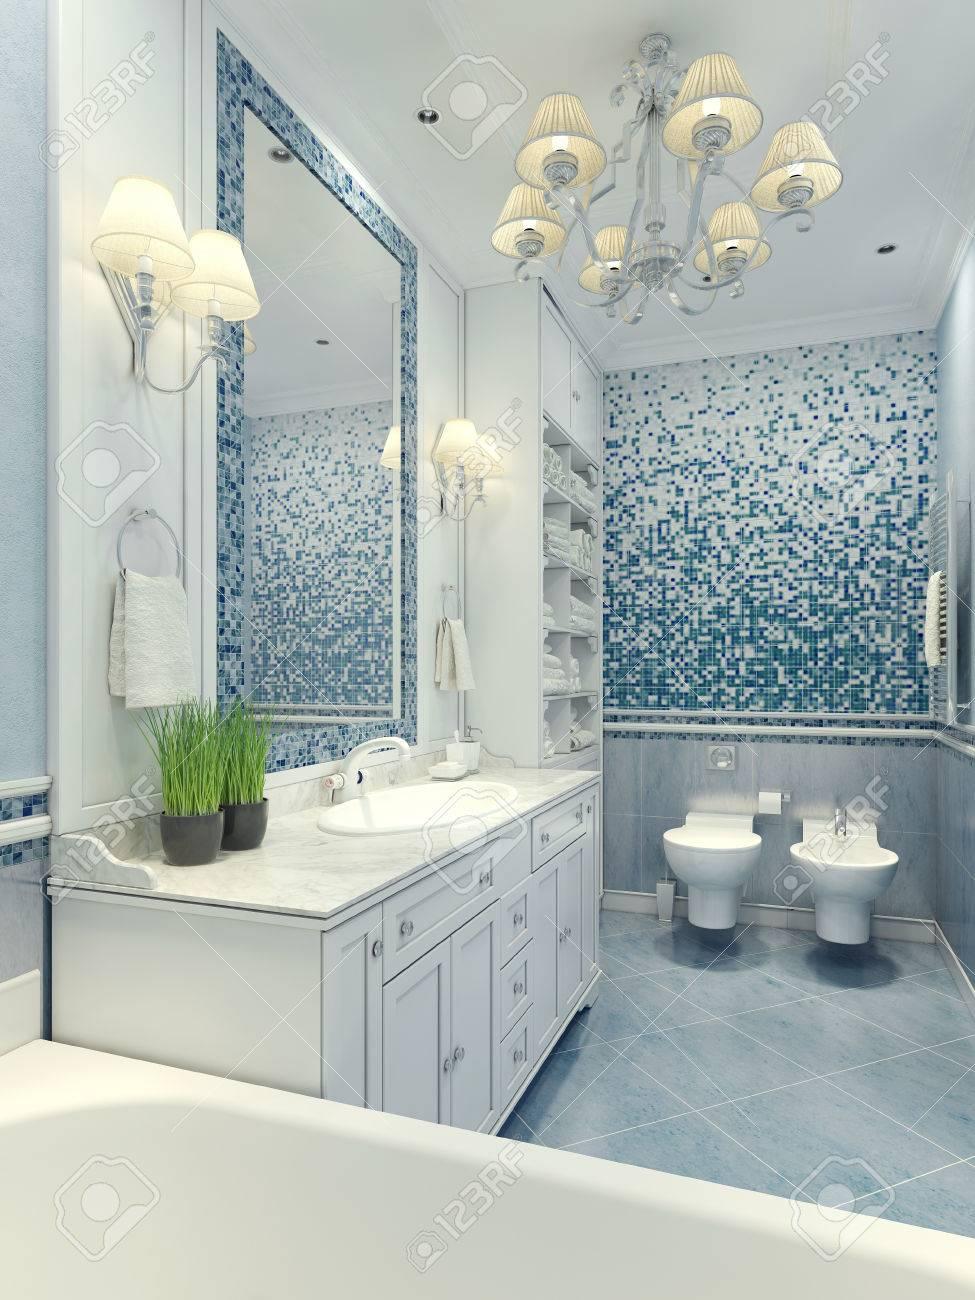 bagno luminoso stile classico lampadario di lusso specchio mobili bianchi e built